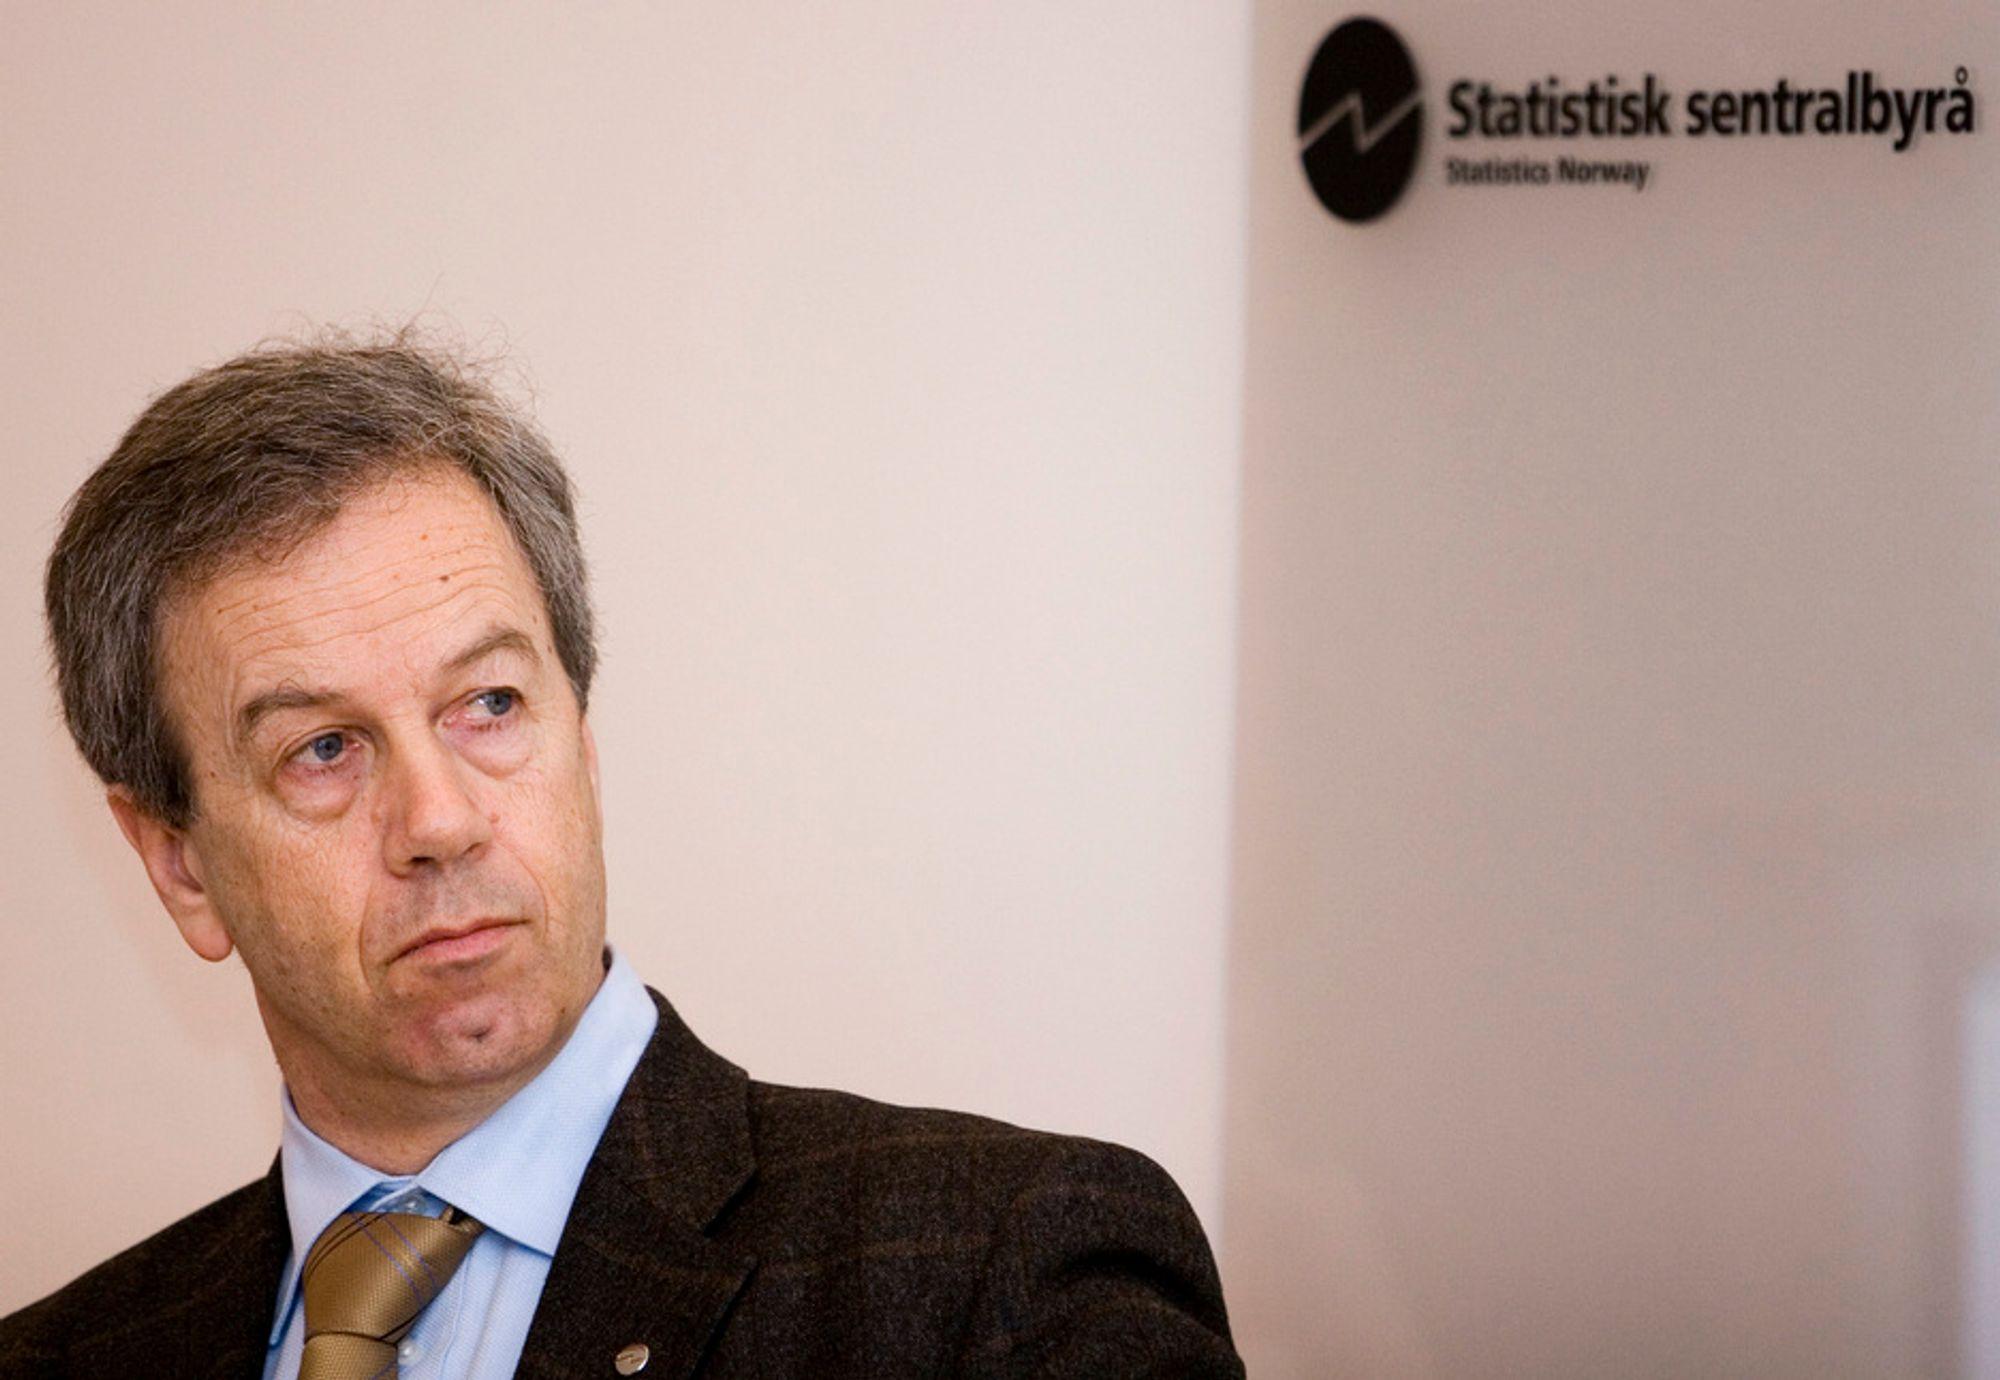 Øystein Olsen, administrerende direktør i Statistisk sentralbyrå.